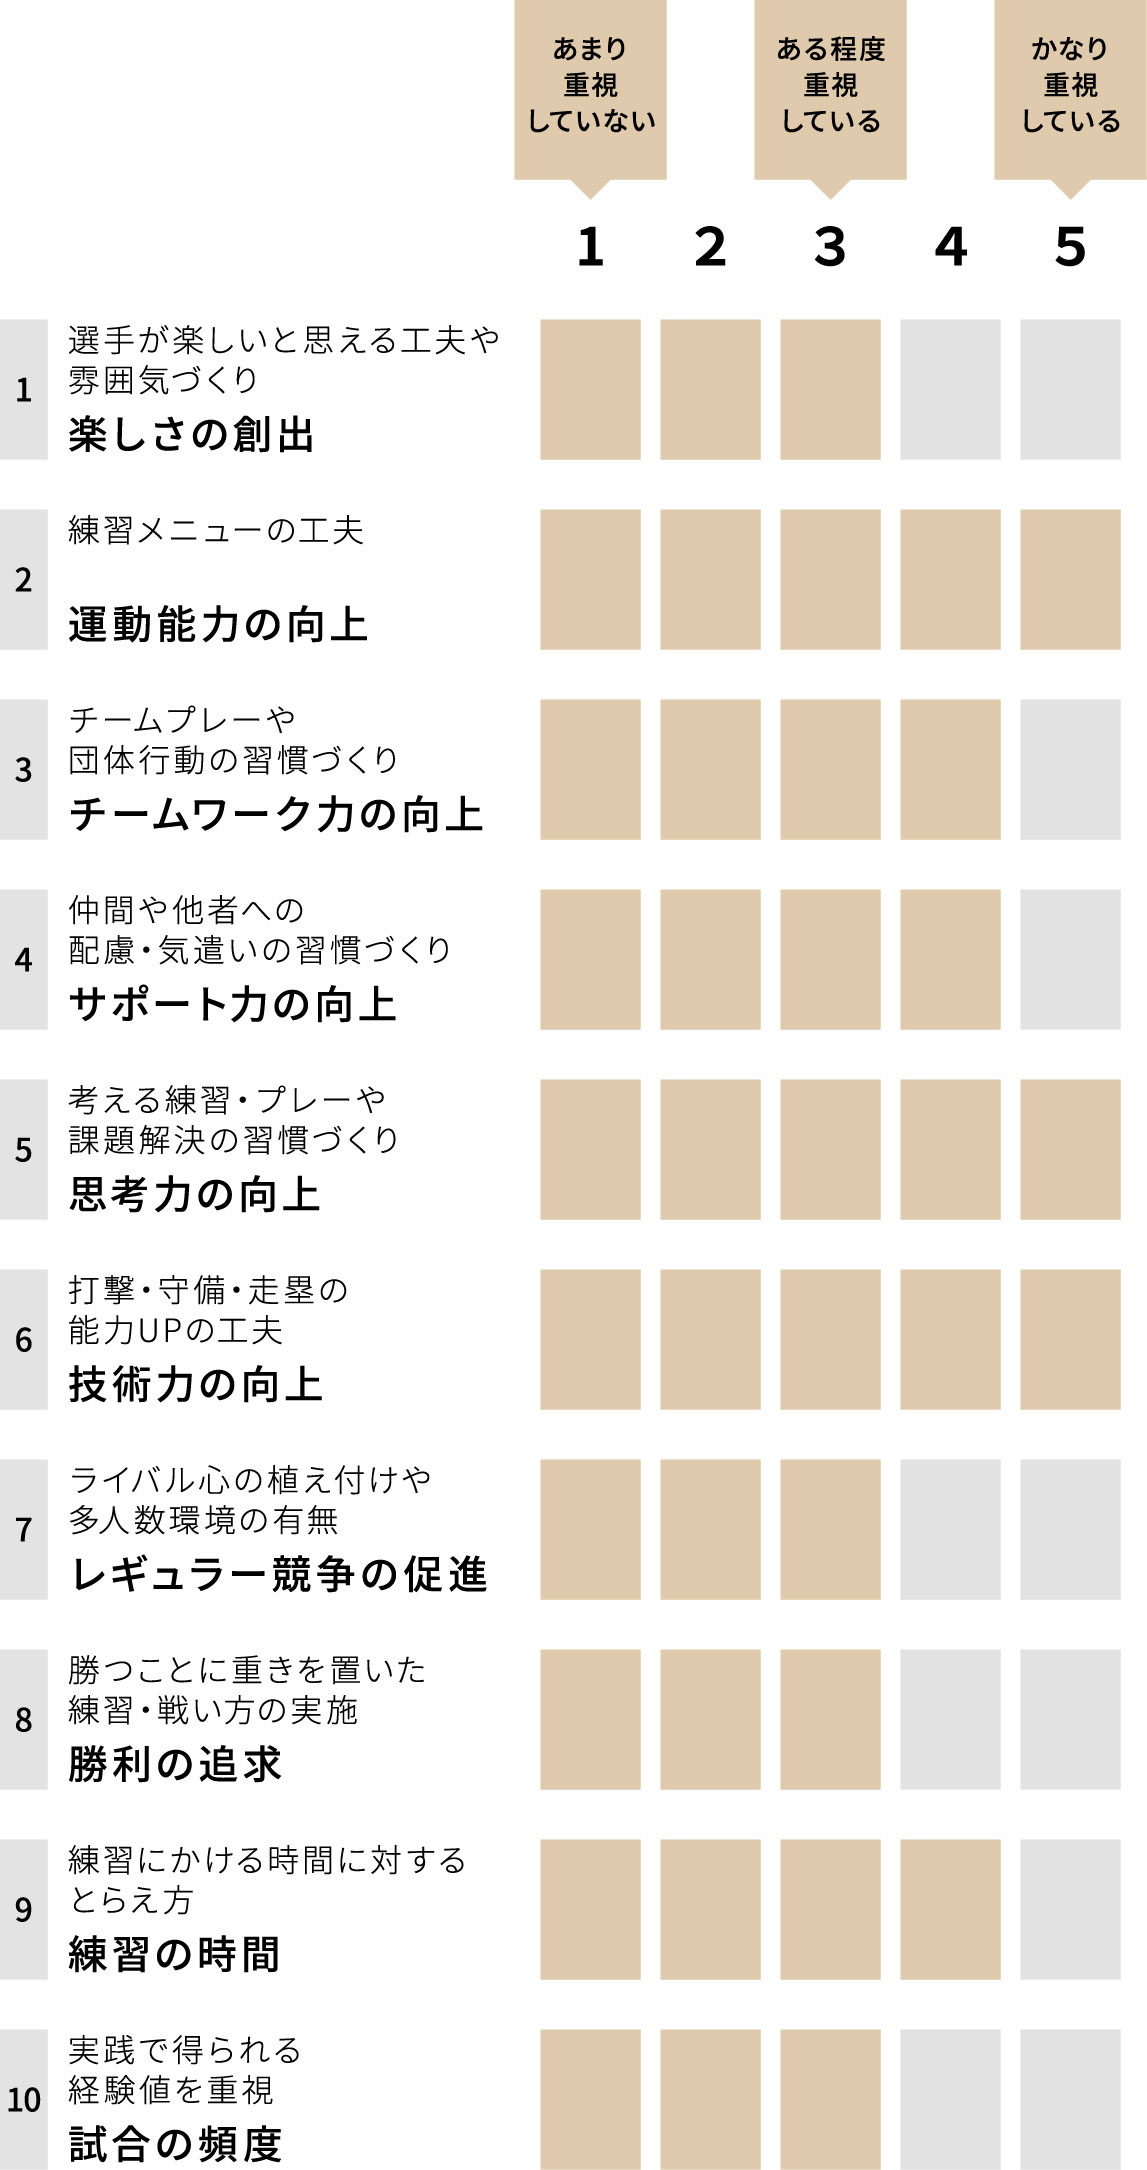 京都二条ボーイズ バファローズ小学部 チーム重視グラフ